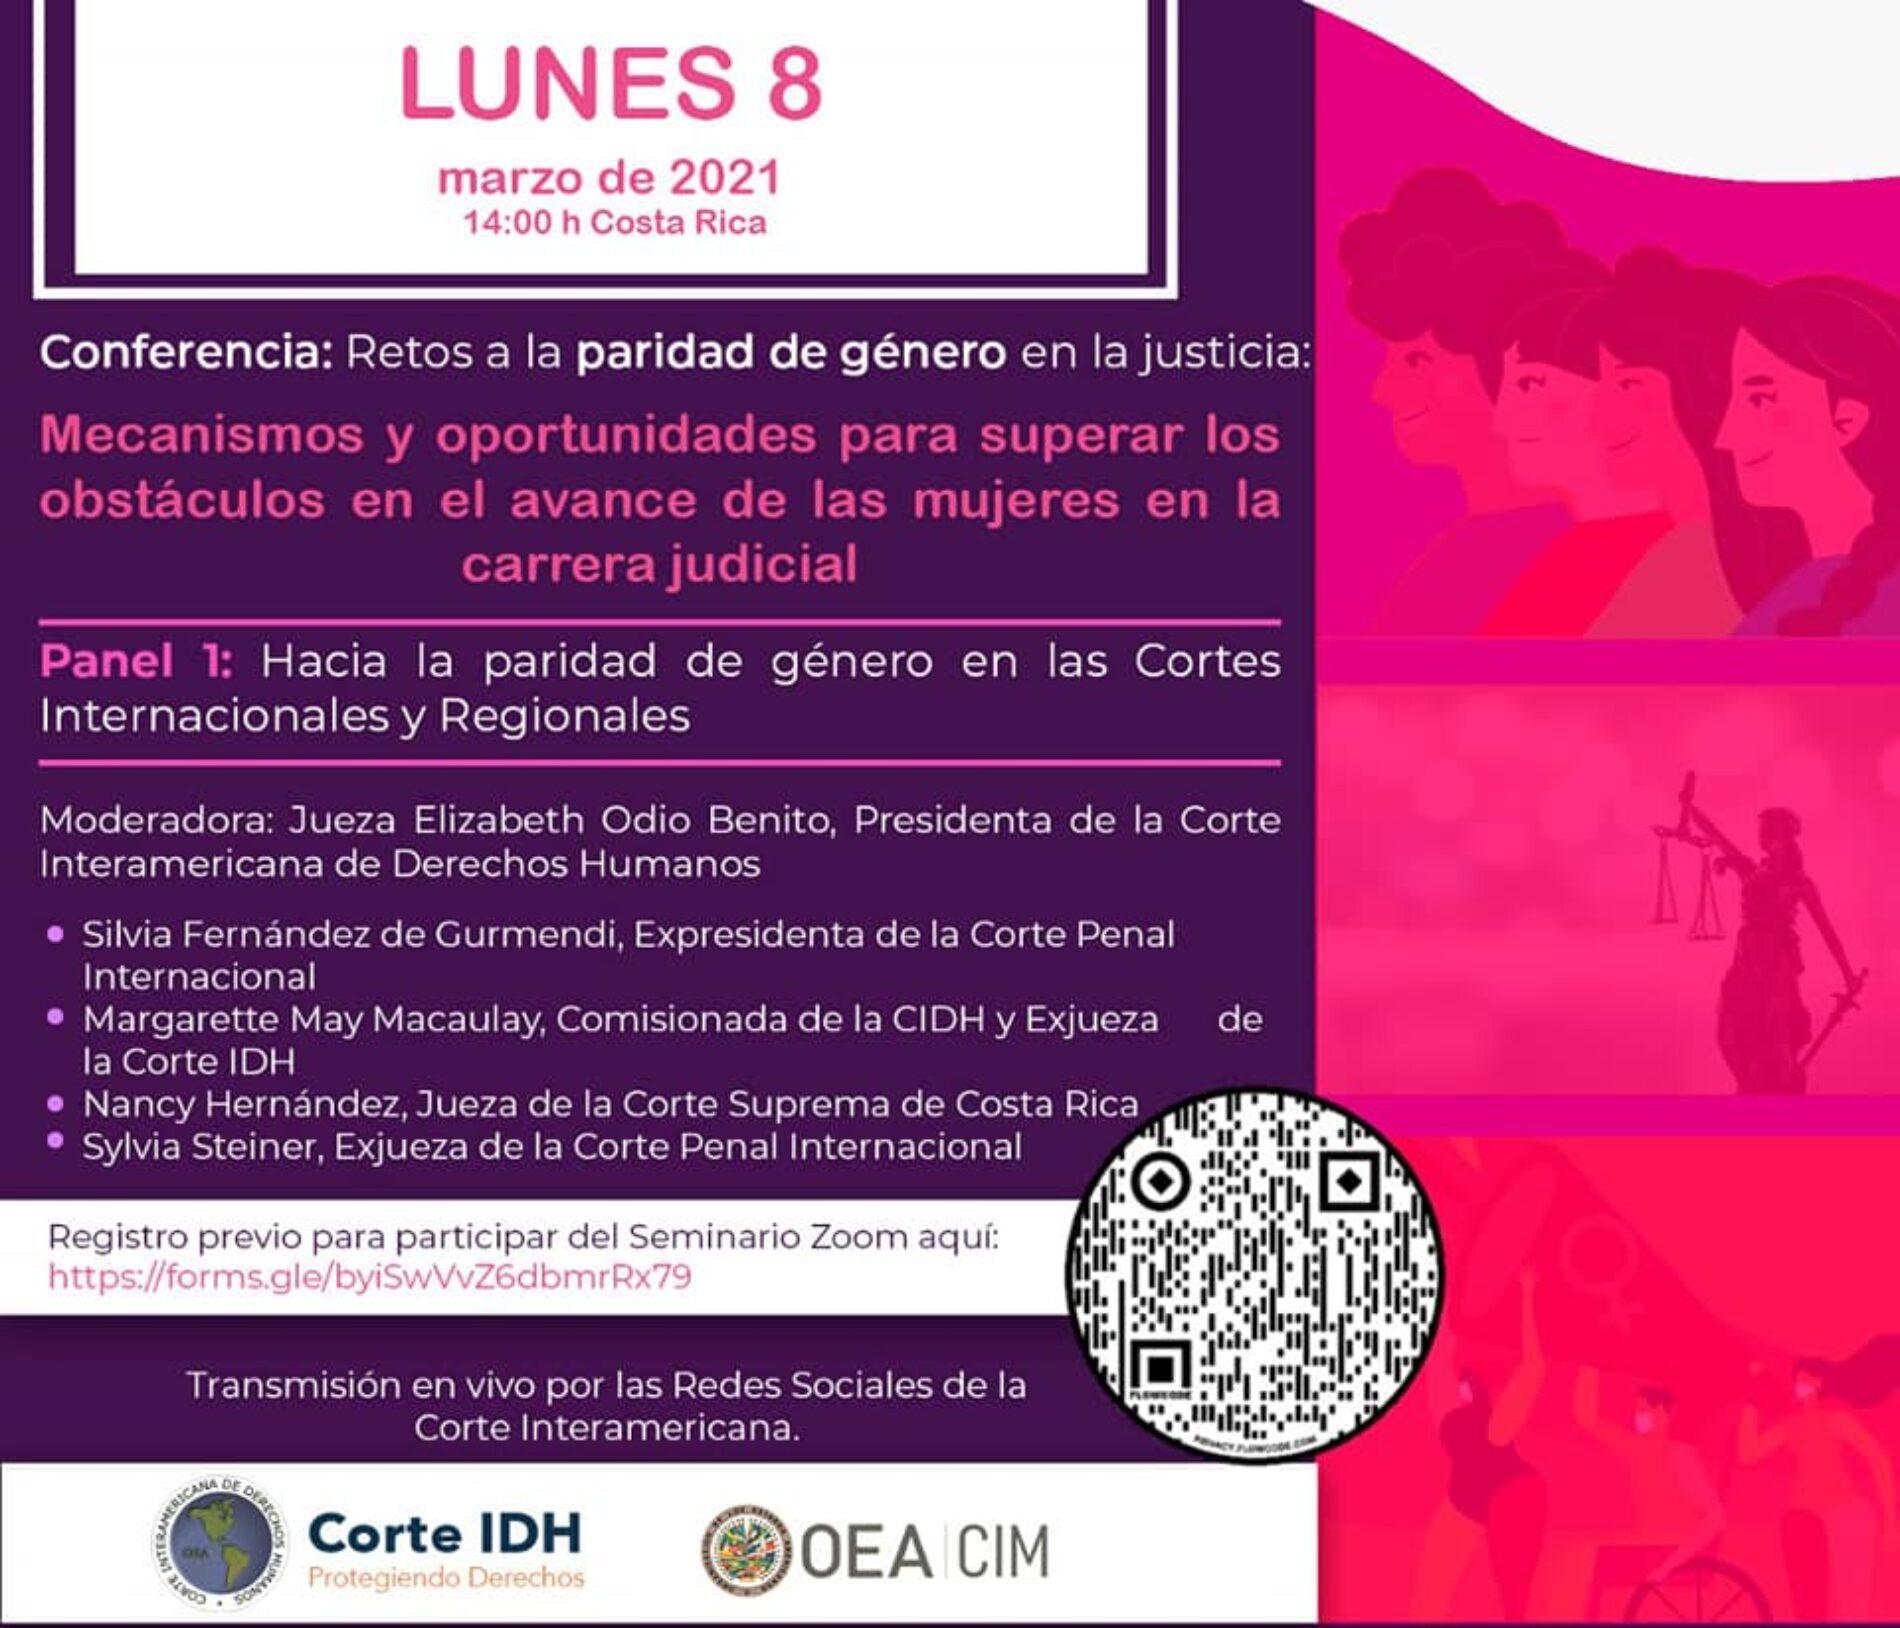 """Programa del Seminario """"Retos a la paridad de género en la justicia: Mecanismos y oportunidades para superar los obstáculos en el avance de las mujeres en la carrera judicial»"""